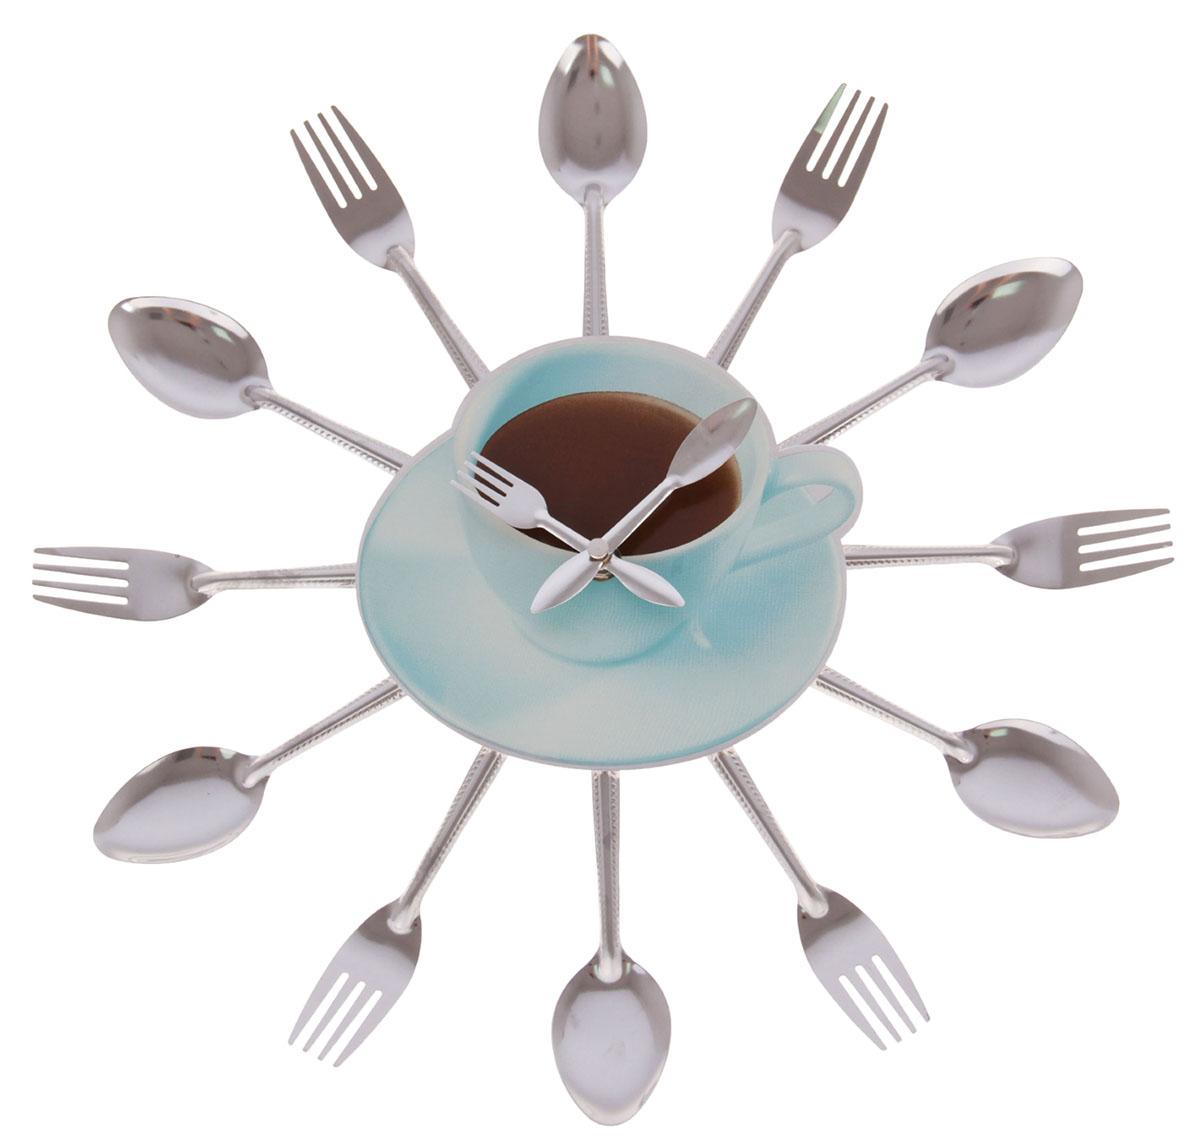 """Каждому хозяину периодически приходит мысль обновить свою квартиру, сделать ремонт, перестановку или кардинально поменять внешний вид каждой комнаты. Часы настенные кухонные """"Столовые приборы. Чашка кофе"""", d=39 см — привлекательная деталь, которая поможет воплотить вашу интерьерную идею, создать неповторимую атмосферу в вашем доме. Окружите себя приятными мелочами, пусть они радуют глаз и дарят гармонию.Часы настенные круг на лучиках Вилки/ложки, Чашка кофе d=39см 837911"""